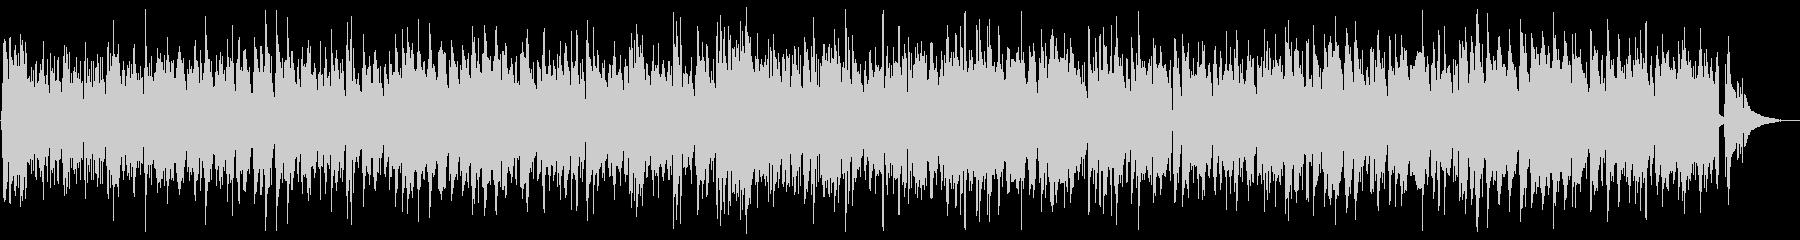 「タイス」の瞑想曲 ボサノバアレンジの未再生の波形